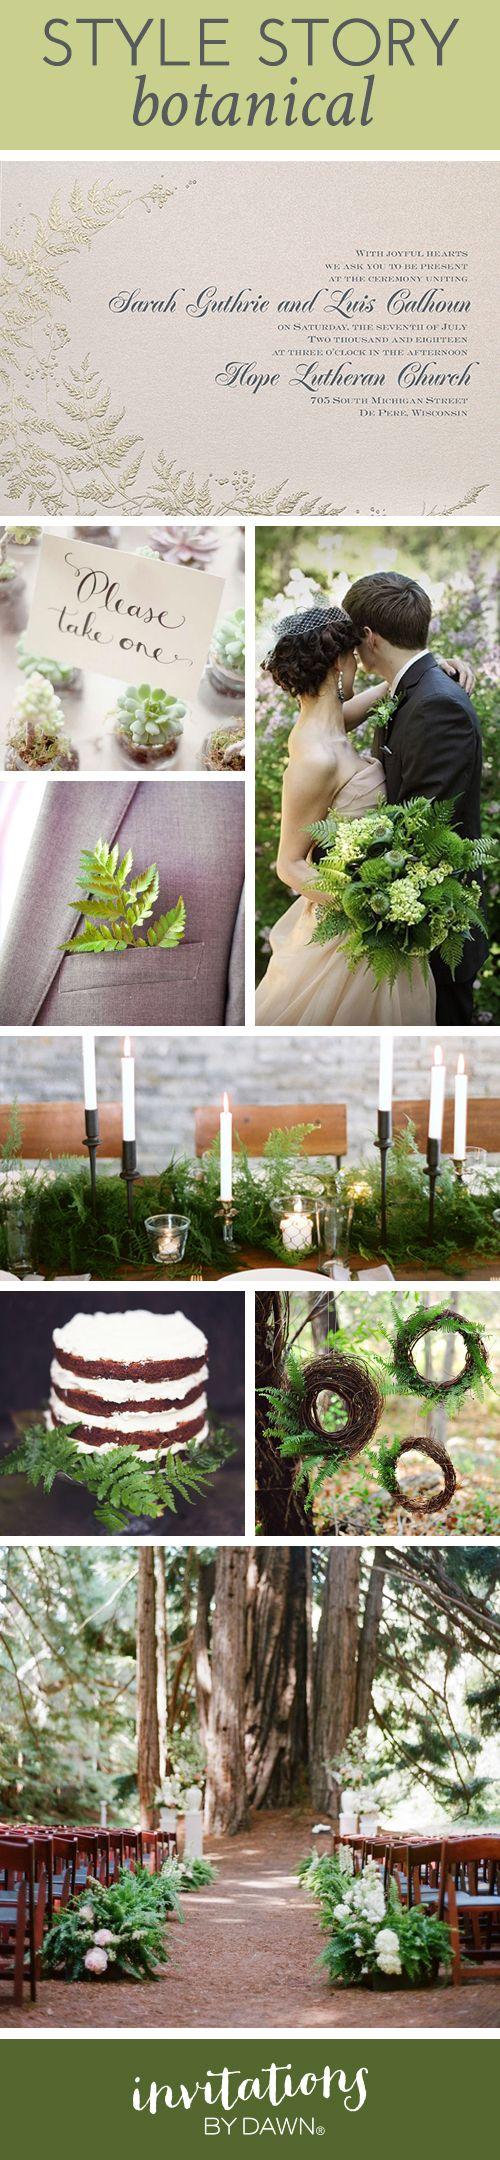 Wedding Style Story: Botanical Ferns #rusticwedding #loveyourinvites